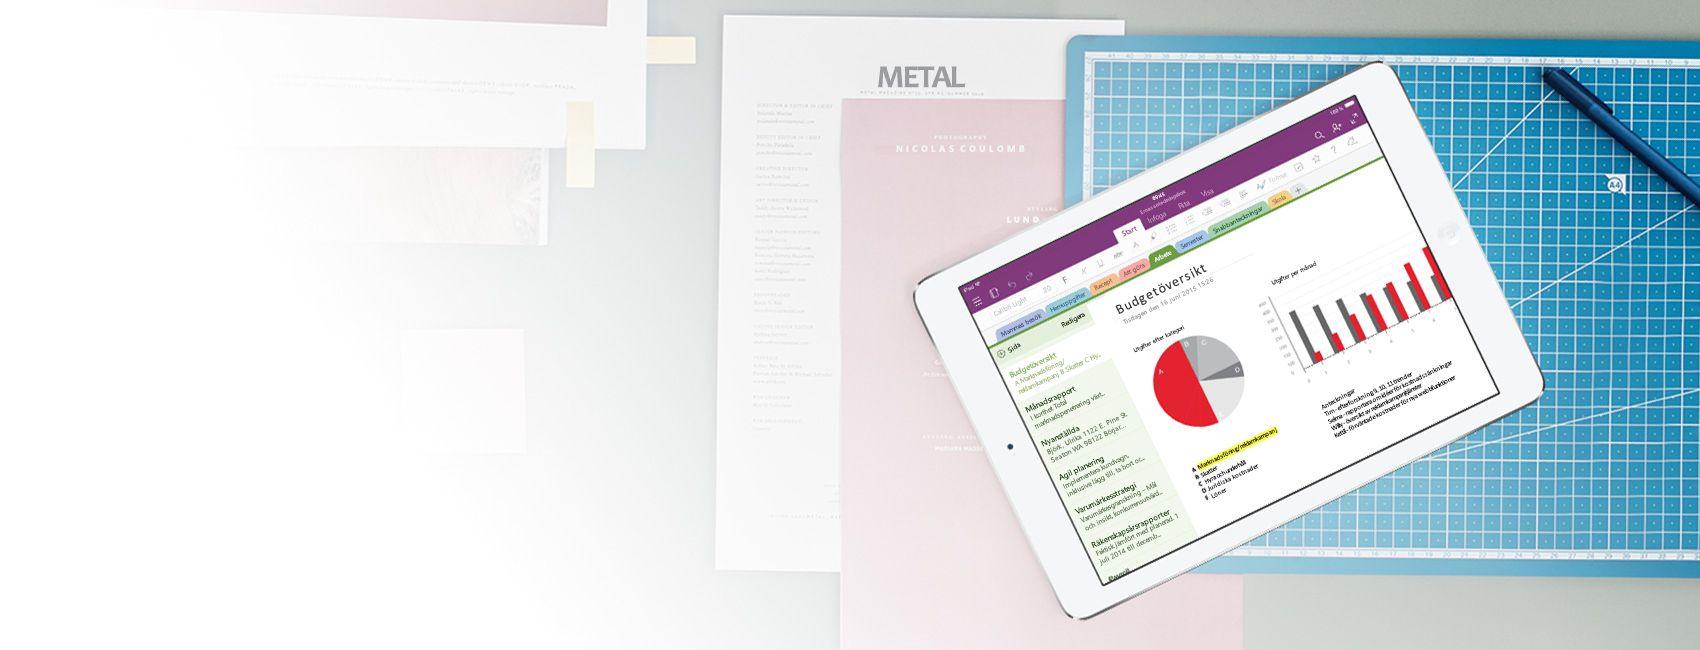 En iPad med en OneNote-anteckningsbok med en budgetöversikt i form av diagram och grafer